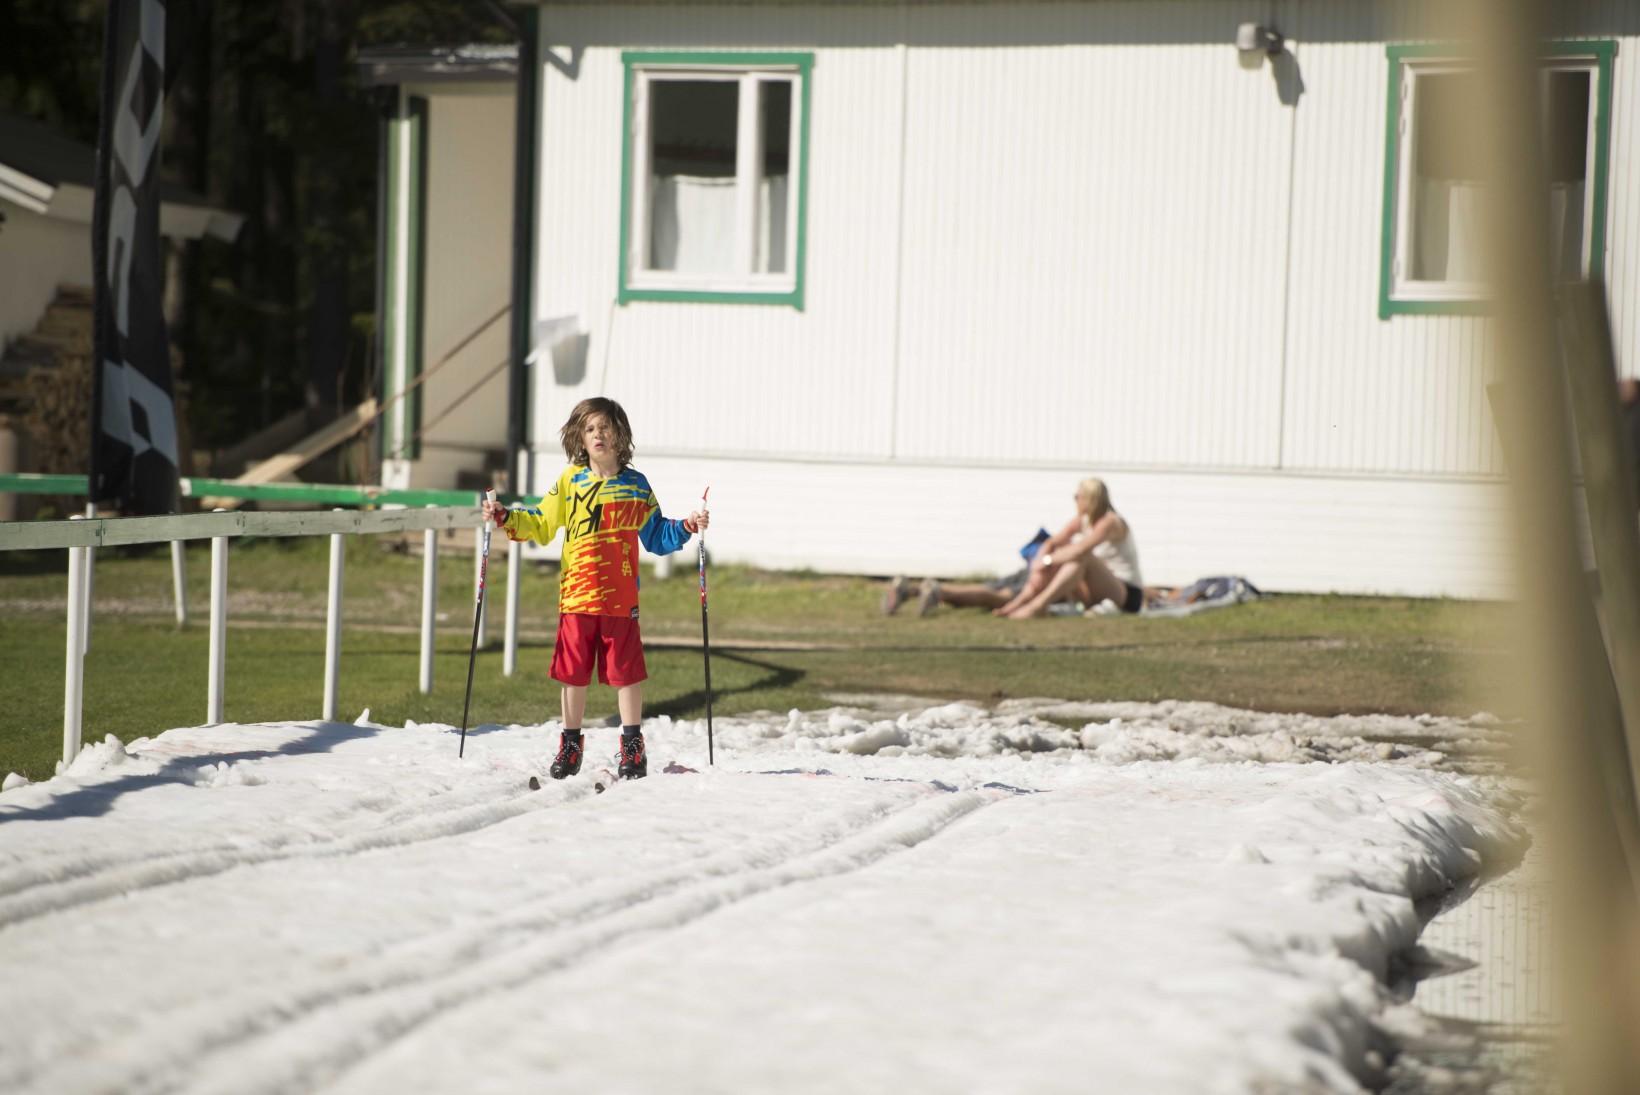 Jesper_Andersson_JAN_8359_www.jeppman.com